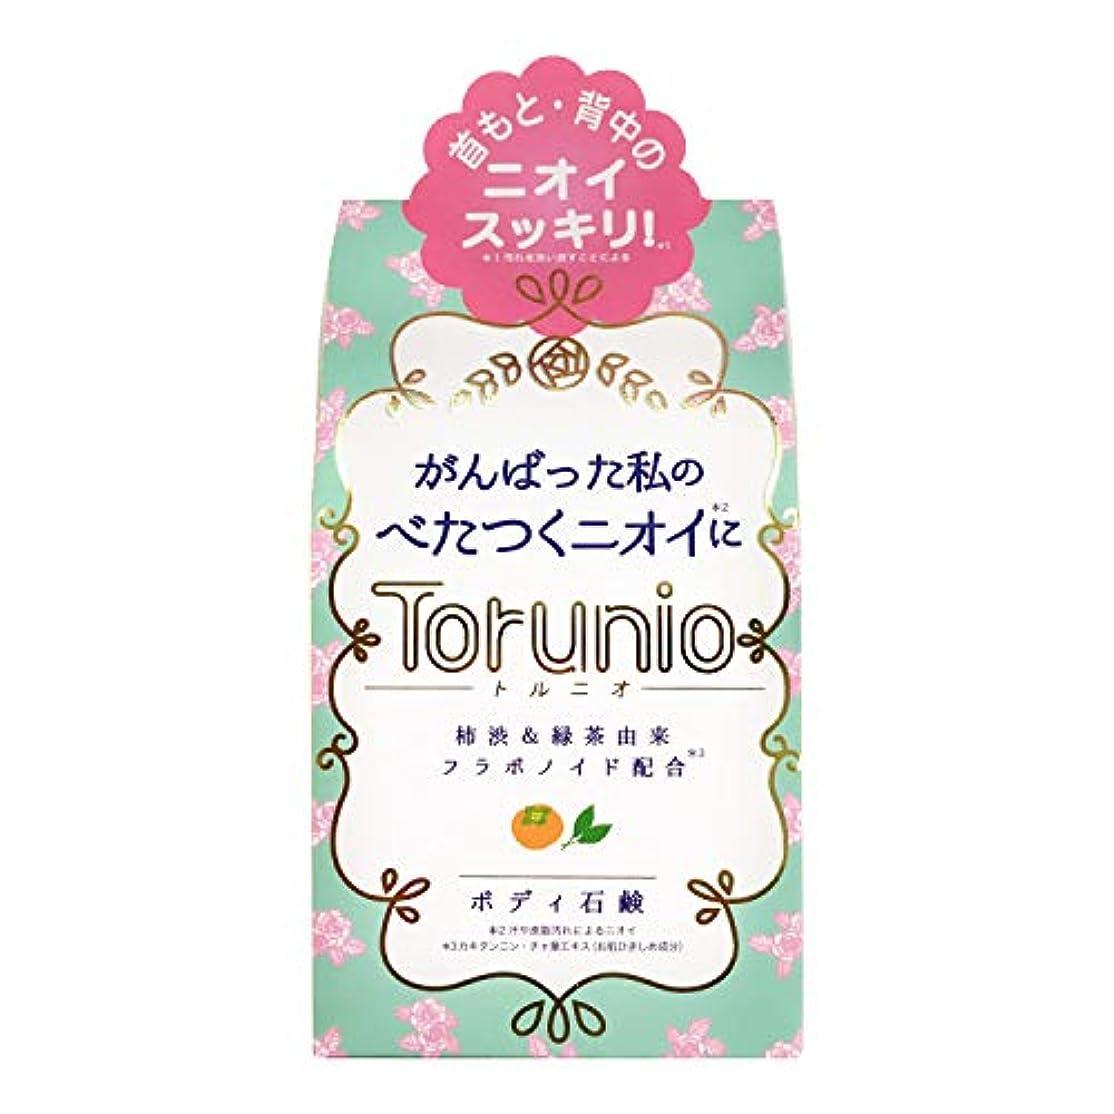 トラブル分割ピンチTorunio(トルニオ)石鹸 100g